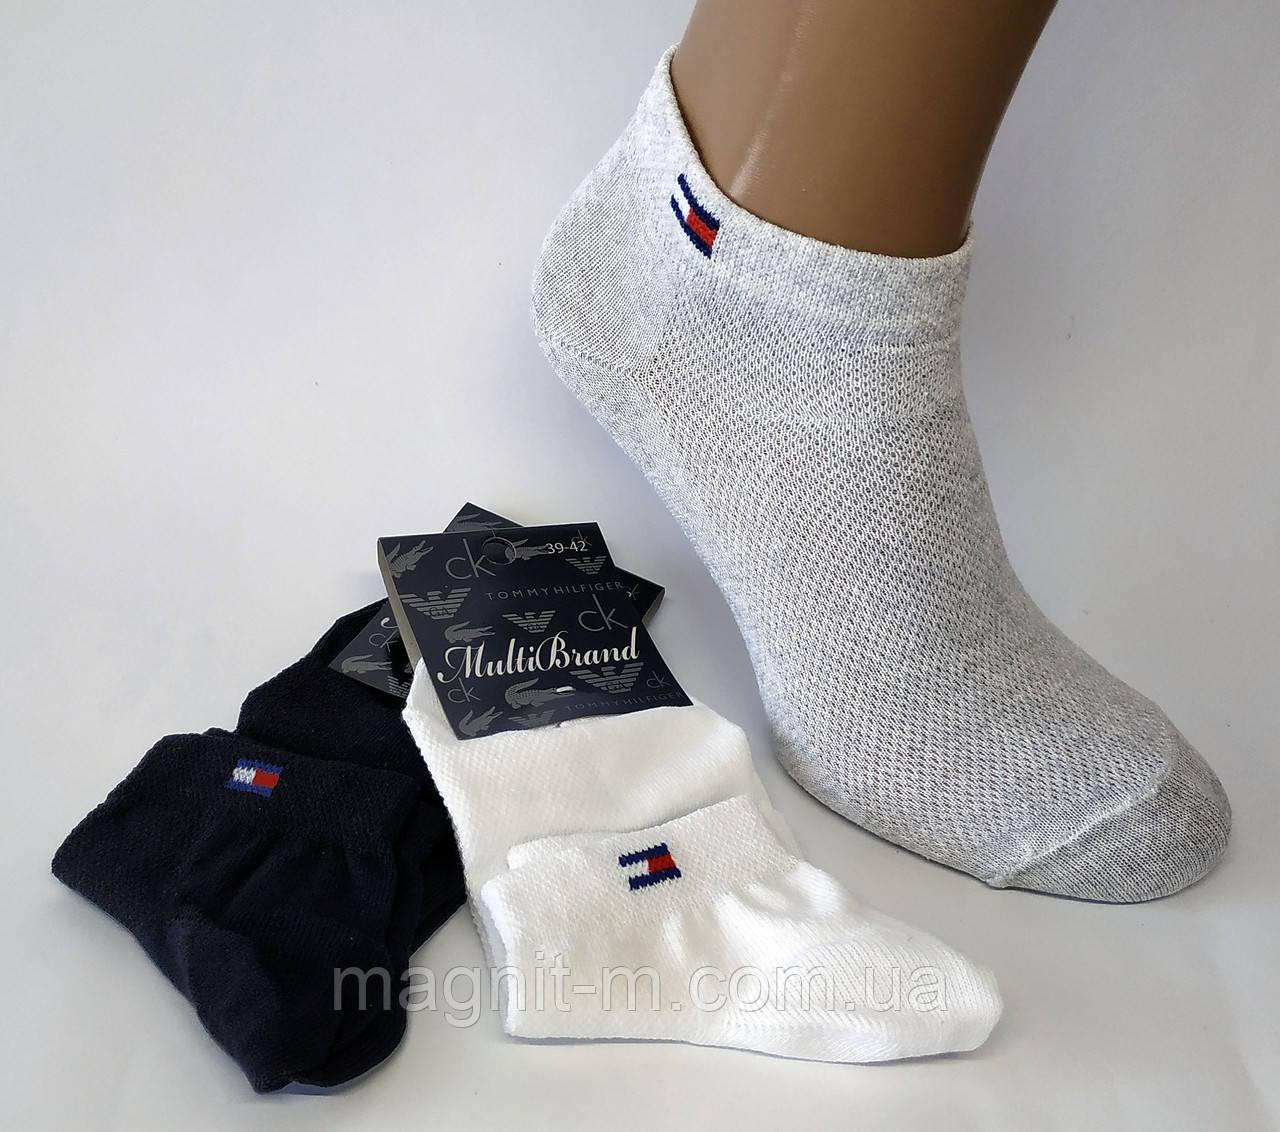 Носки мужские летние со вставками из сетки.  Р-р 42-45. Черный, серый, белый.